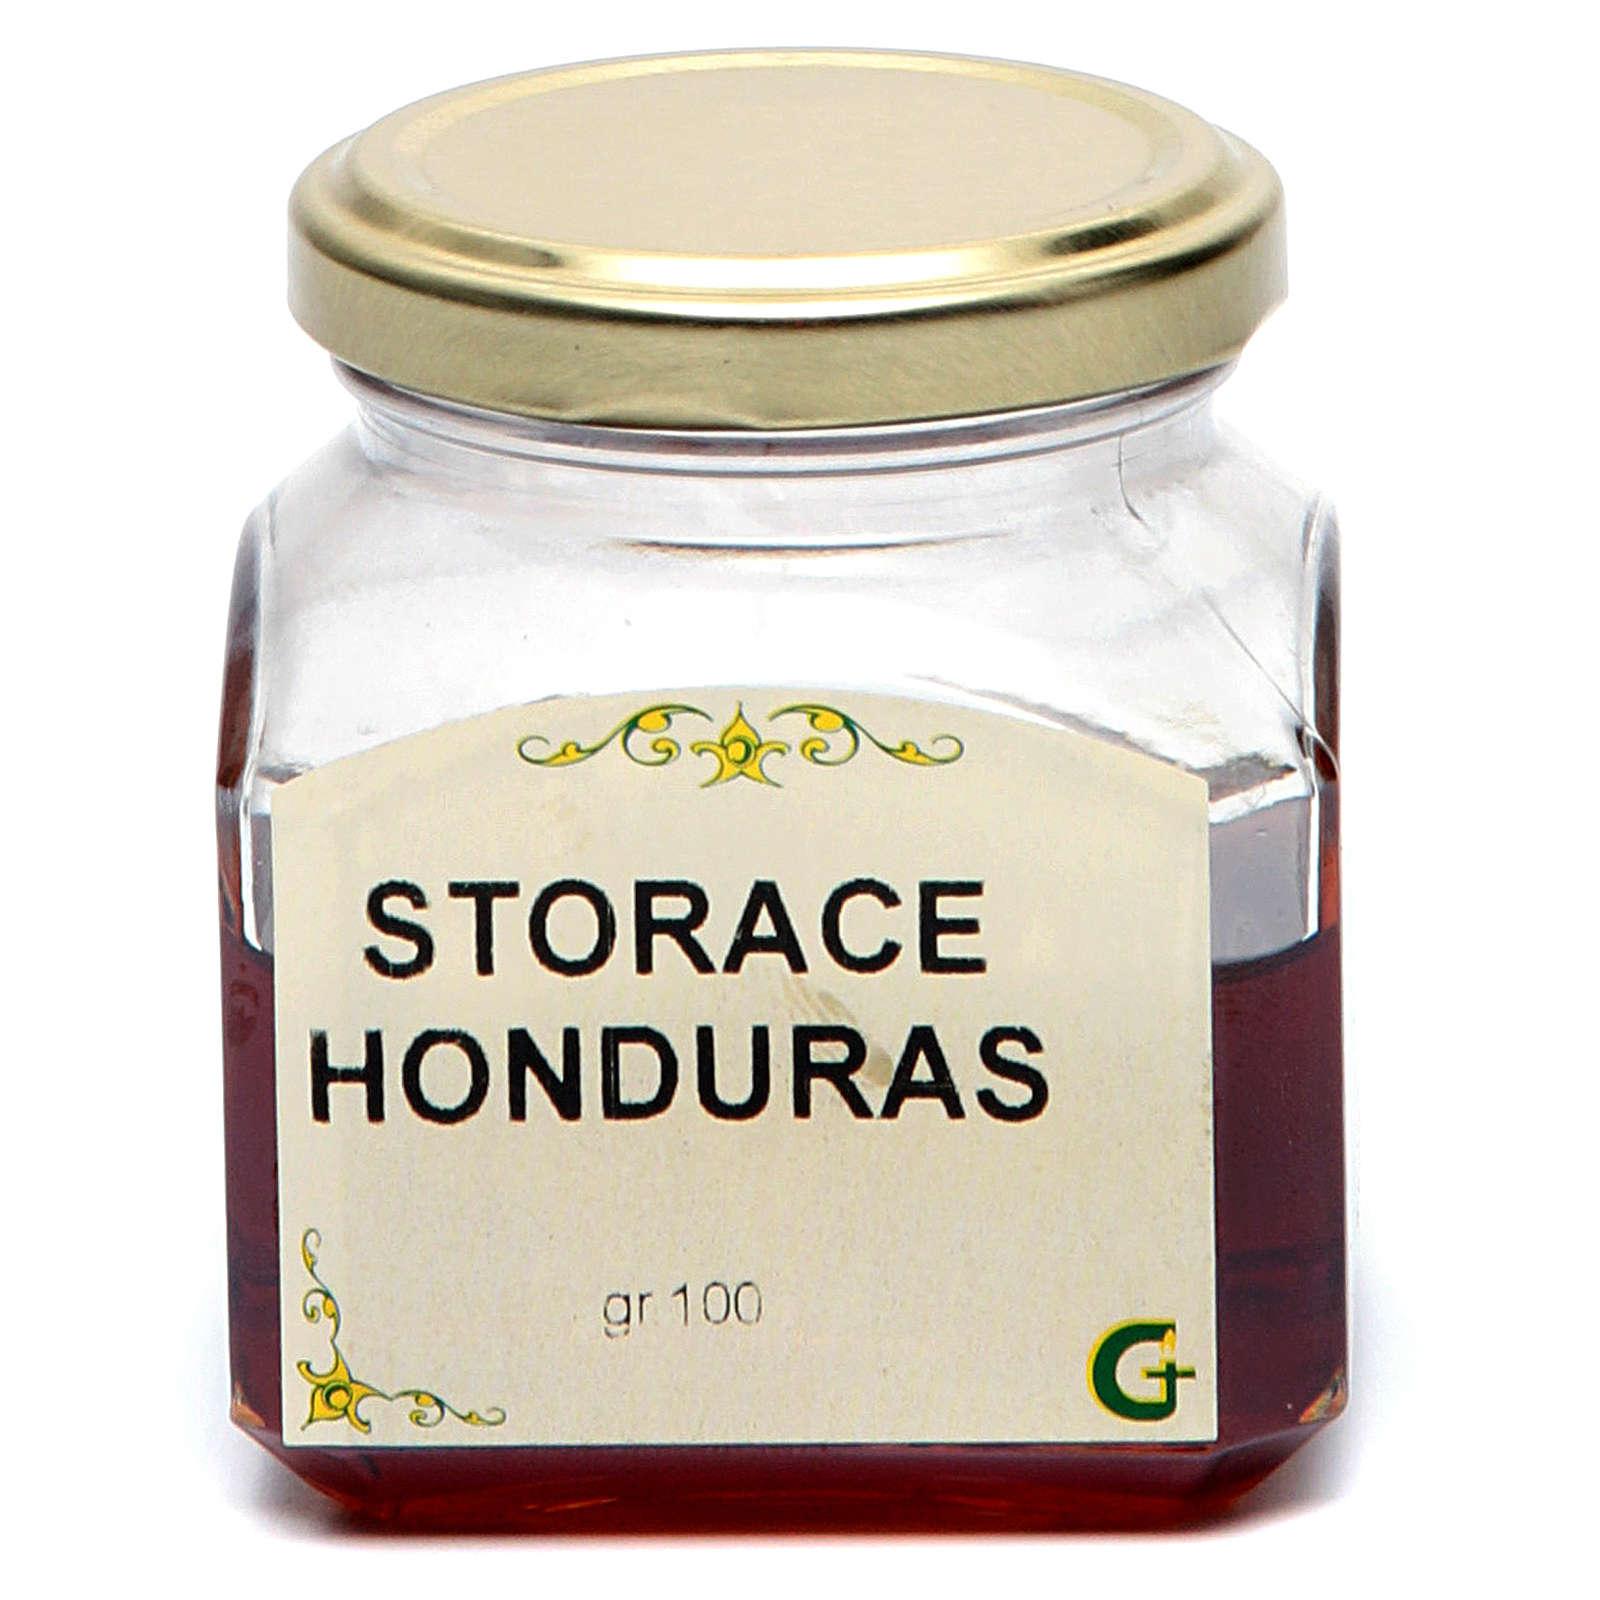 Styrax líquido Honduras 100 gramas 3